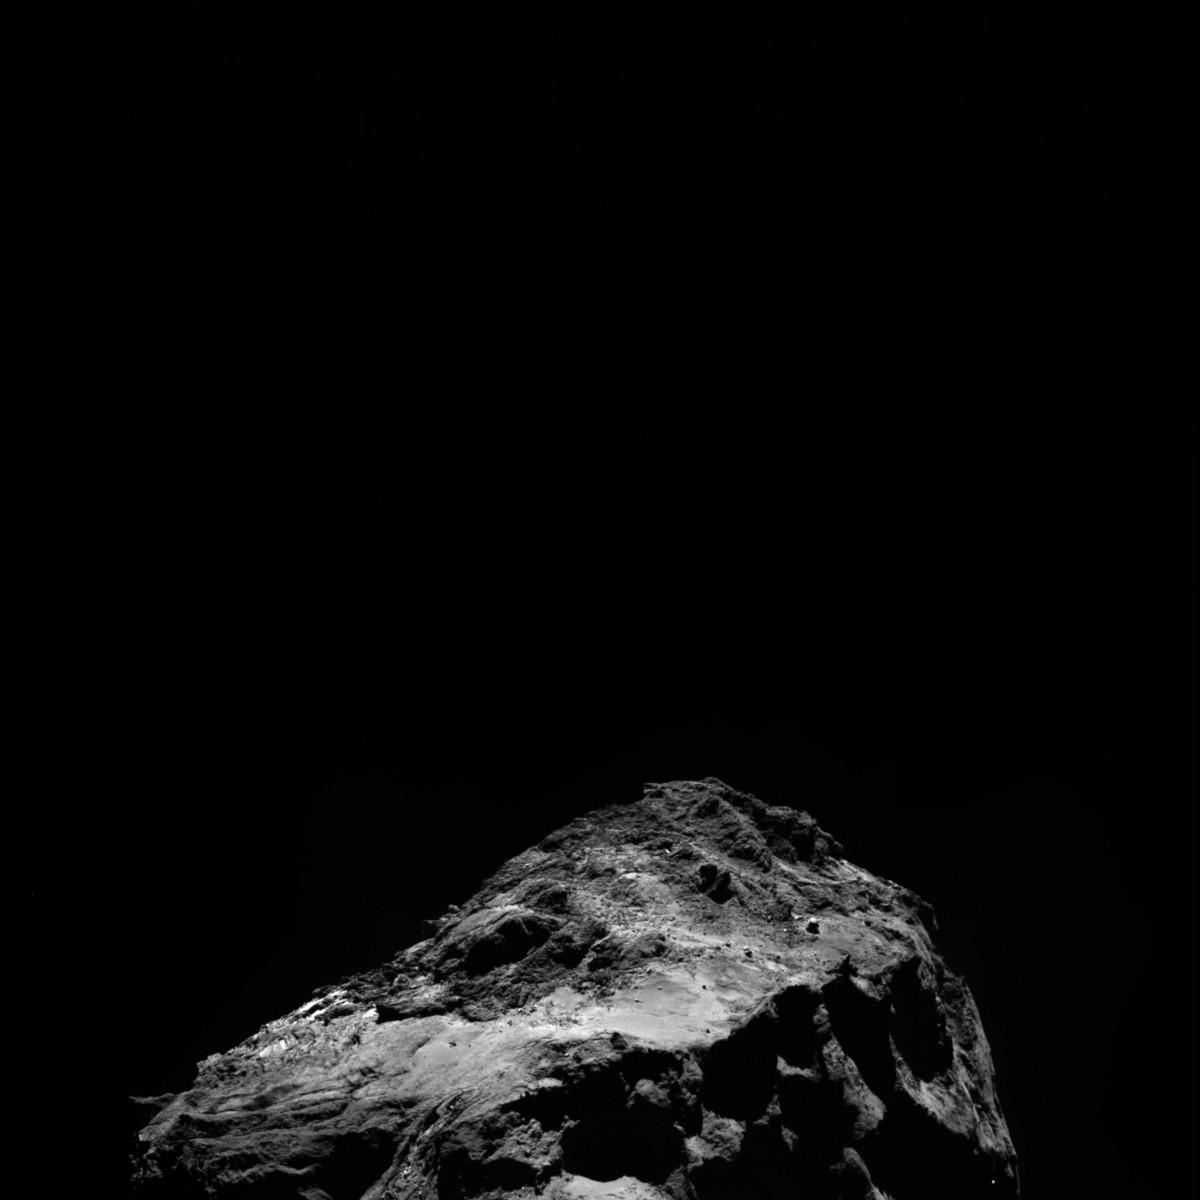 Das Jahr des Endes von Rosetta